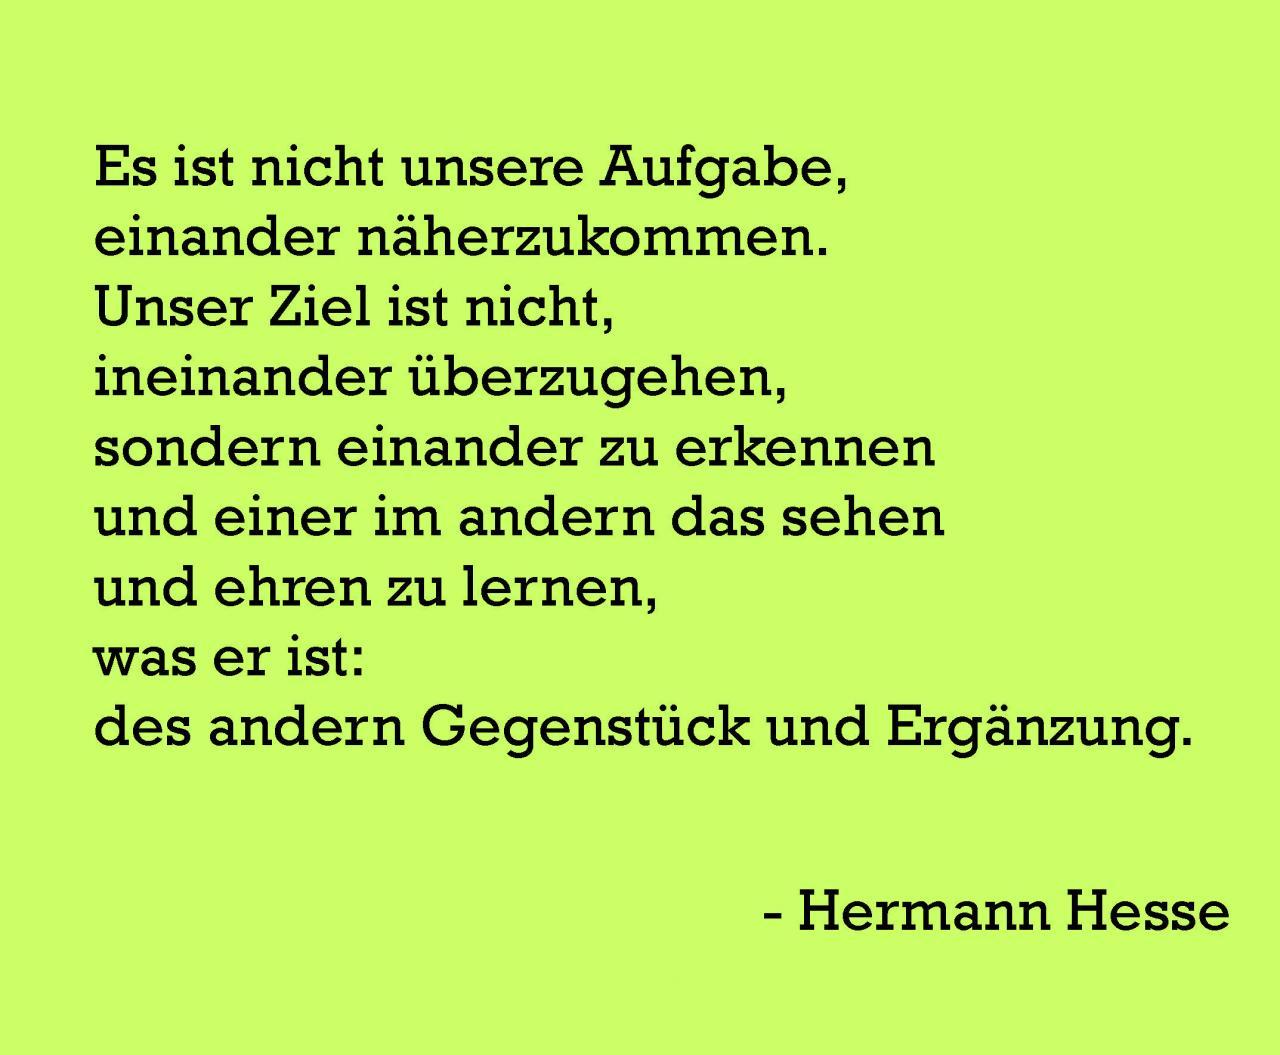 Hermann Hesse Zitat Narziss Und Goldmund